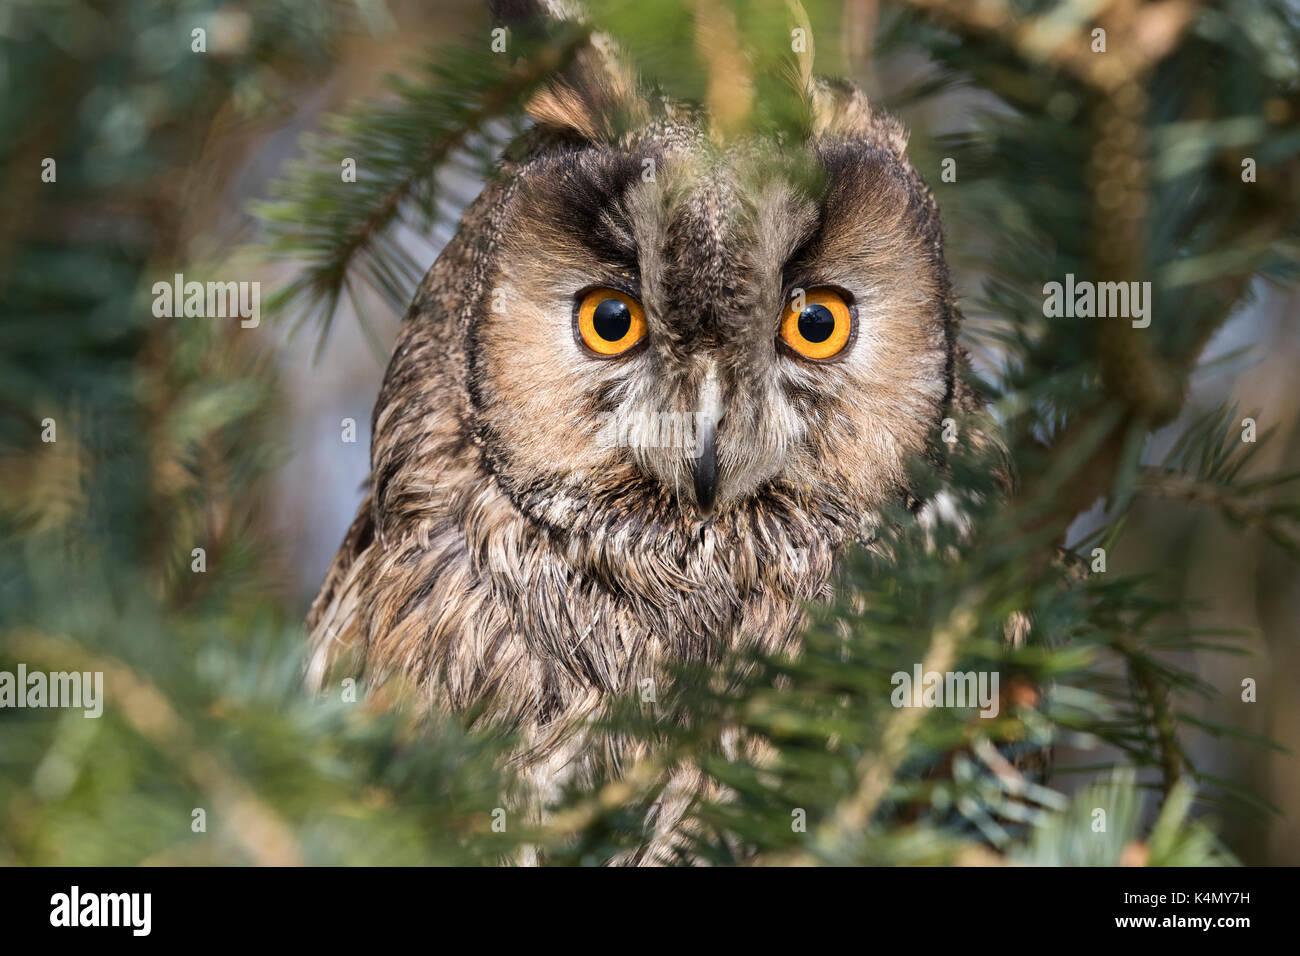 Long-eared owl (Asio otus), captive, United Kingdom, Europe - Stock Image